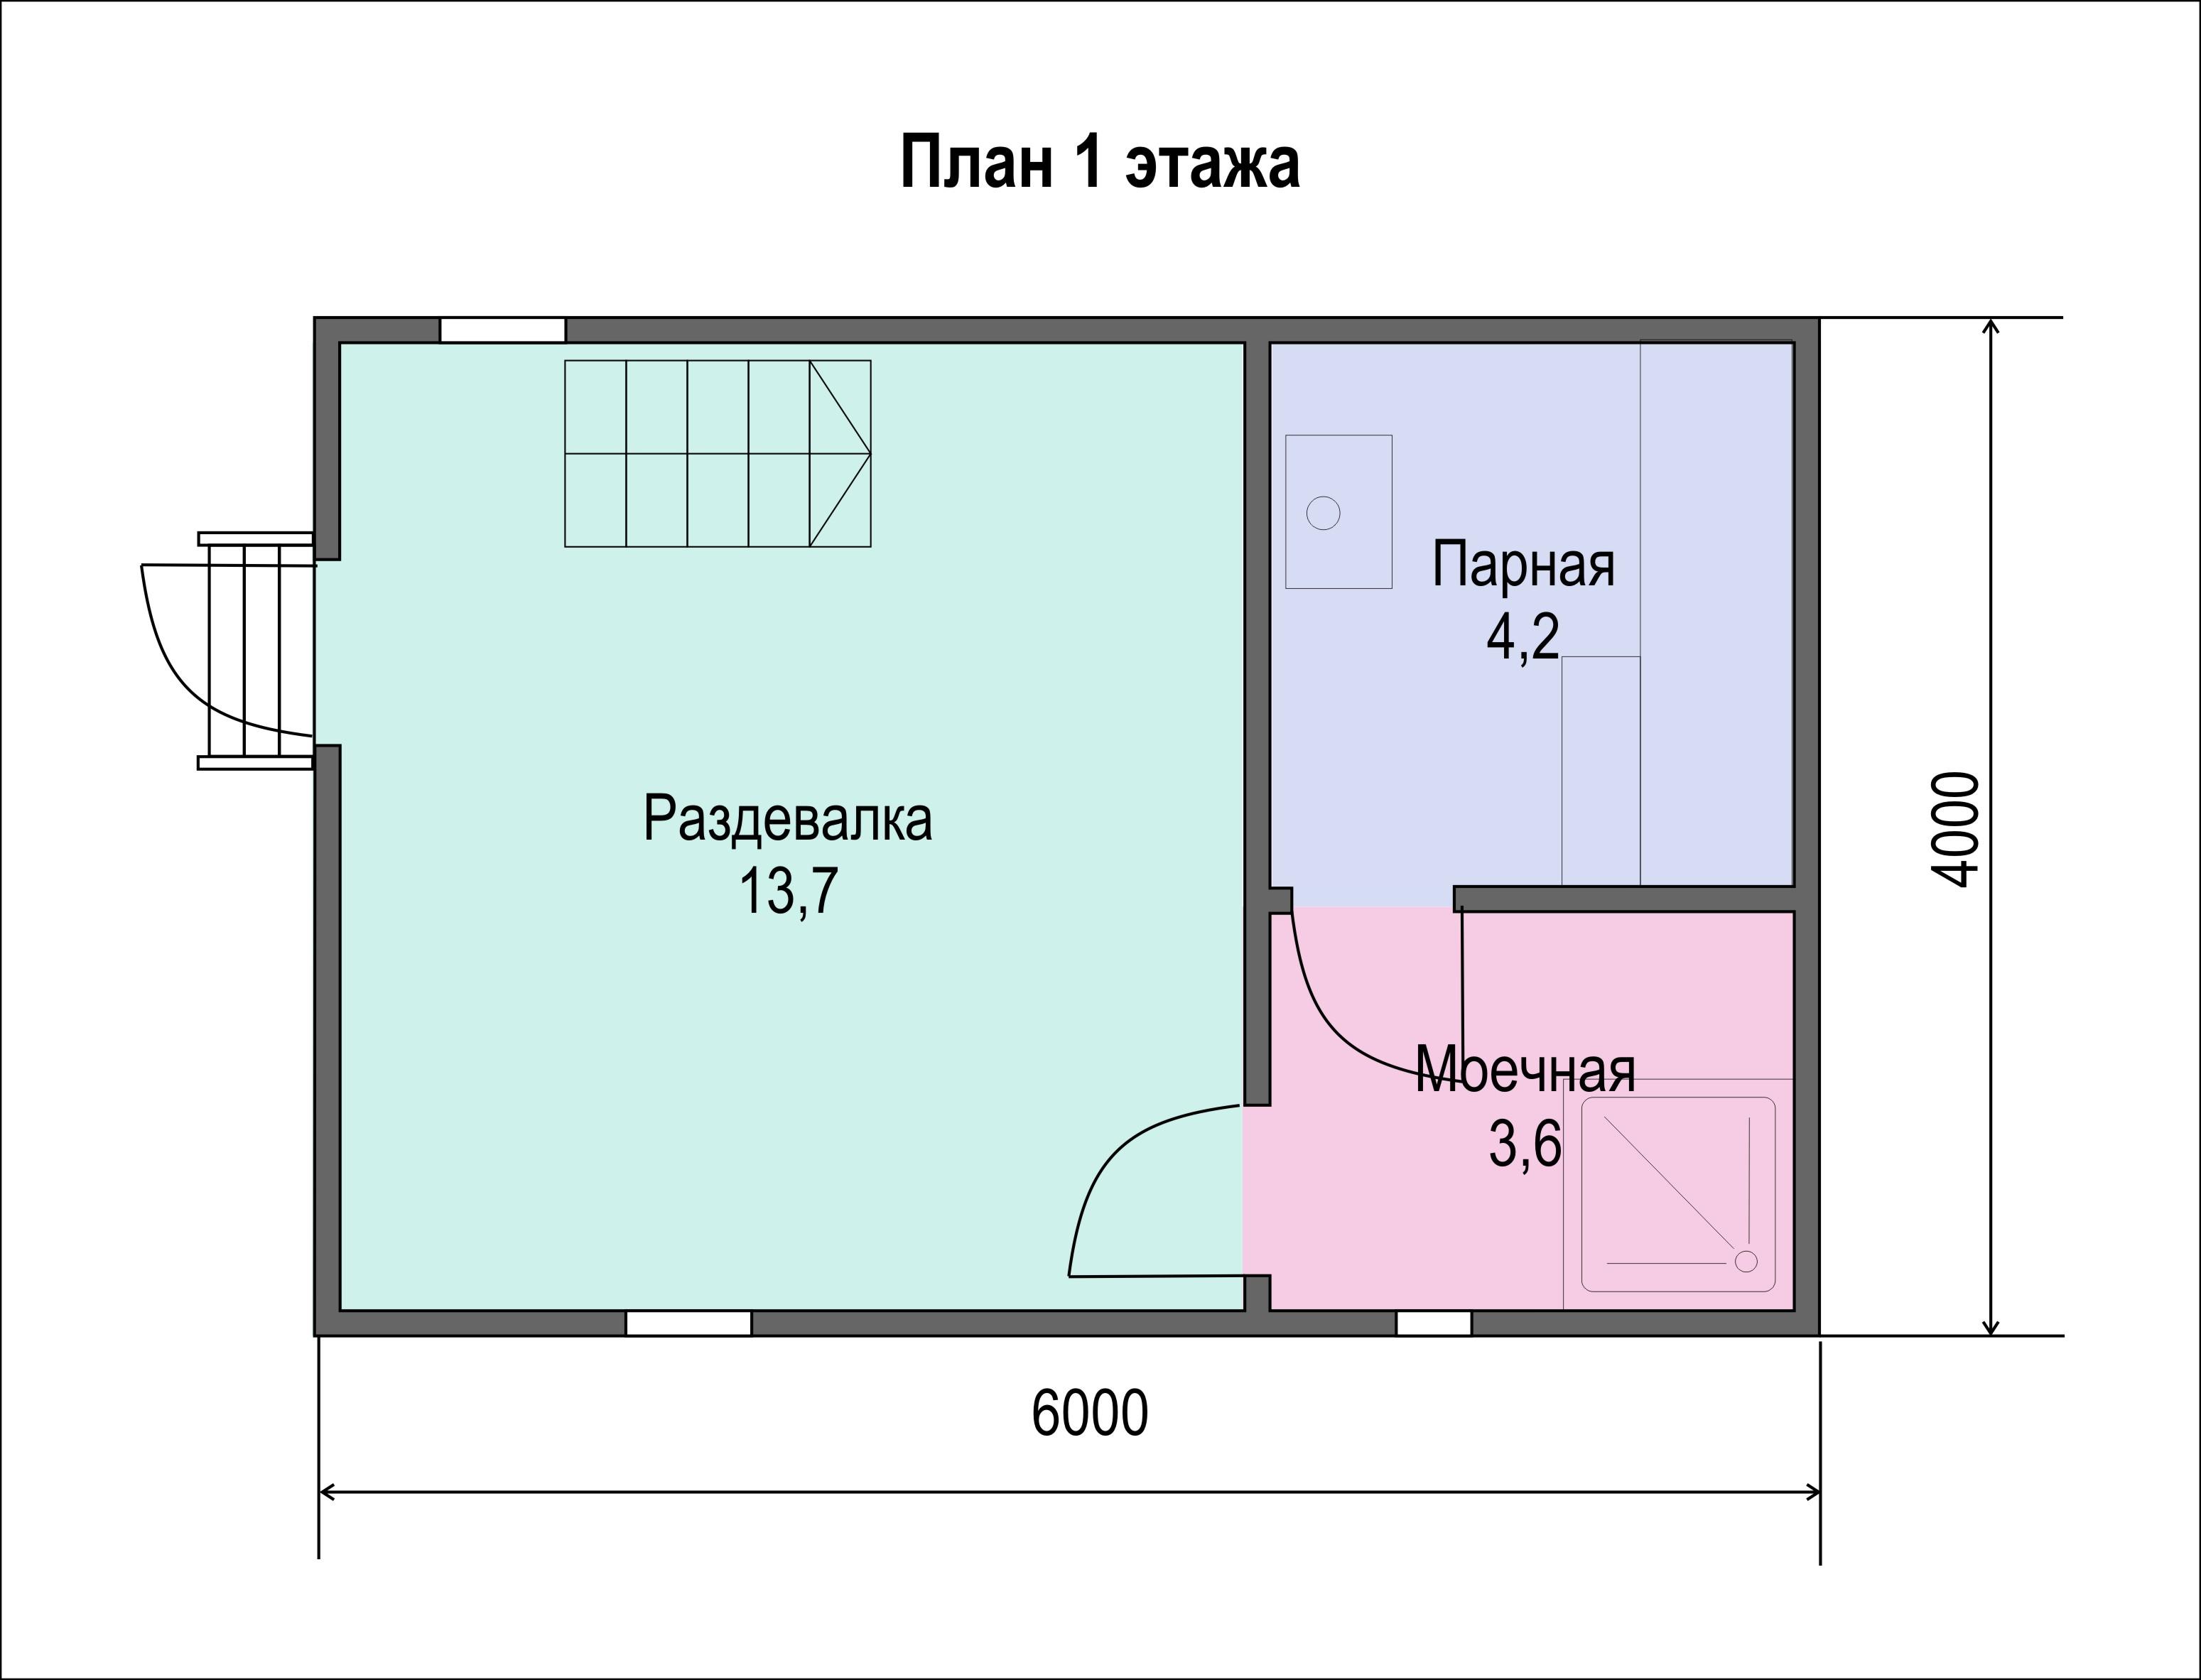 Бани 6х4 с террасой – варианты планировок и популярные проекты строительства в москве, фото